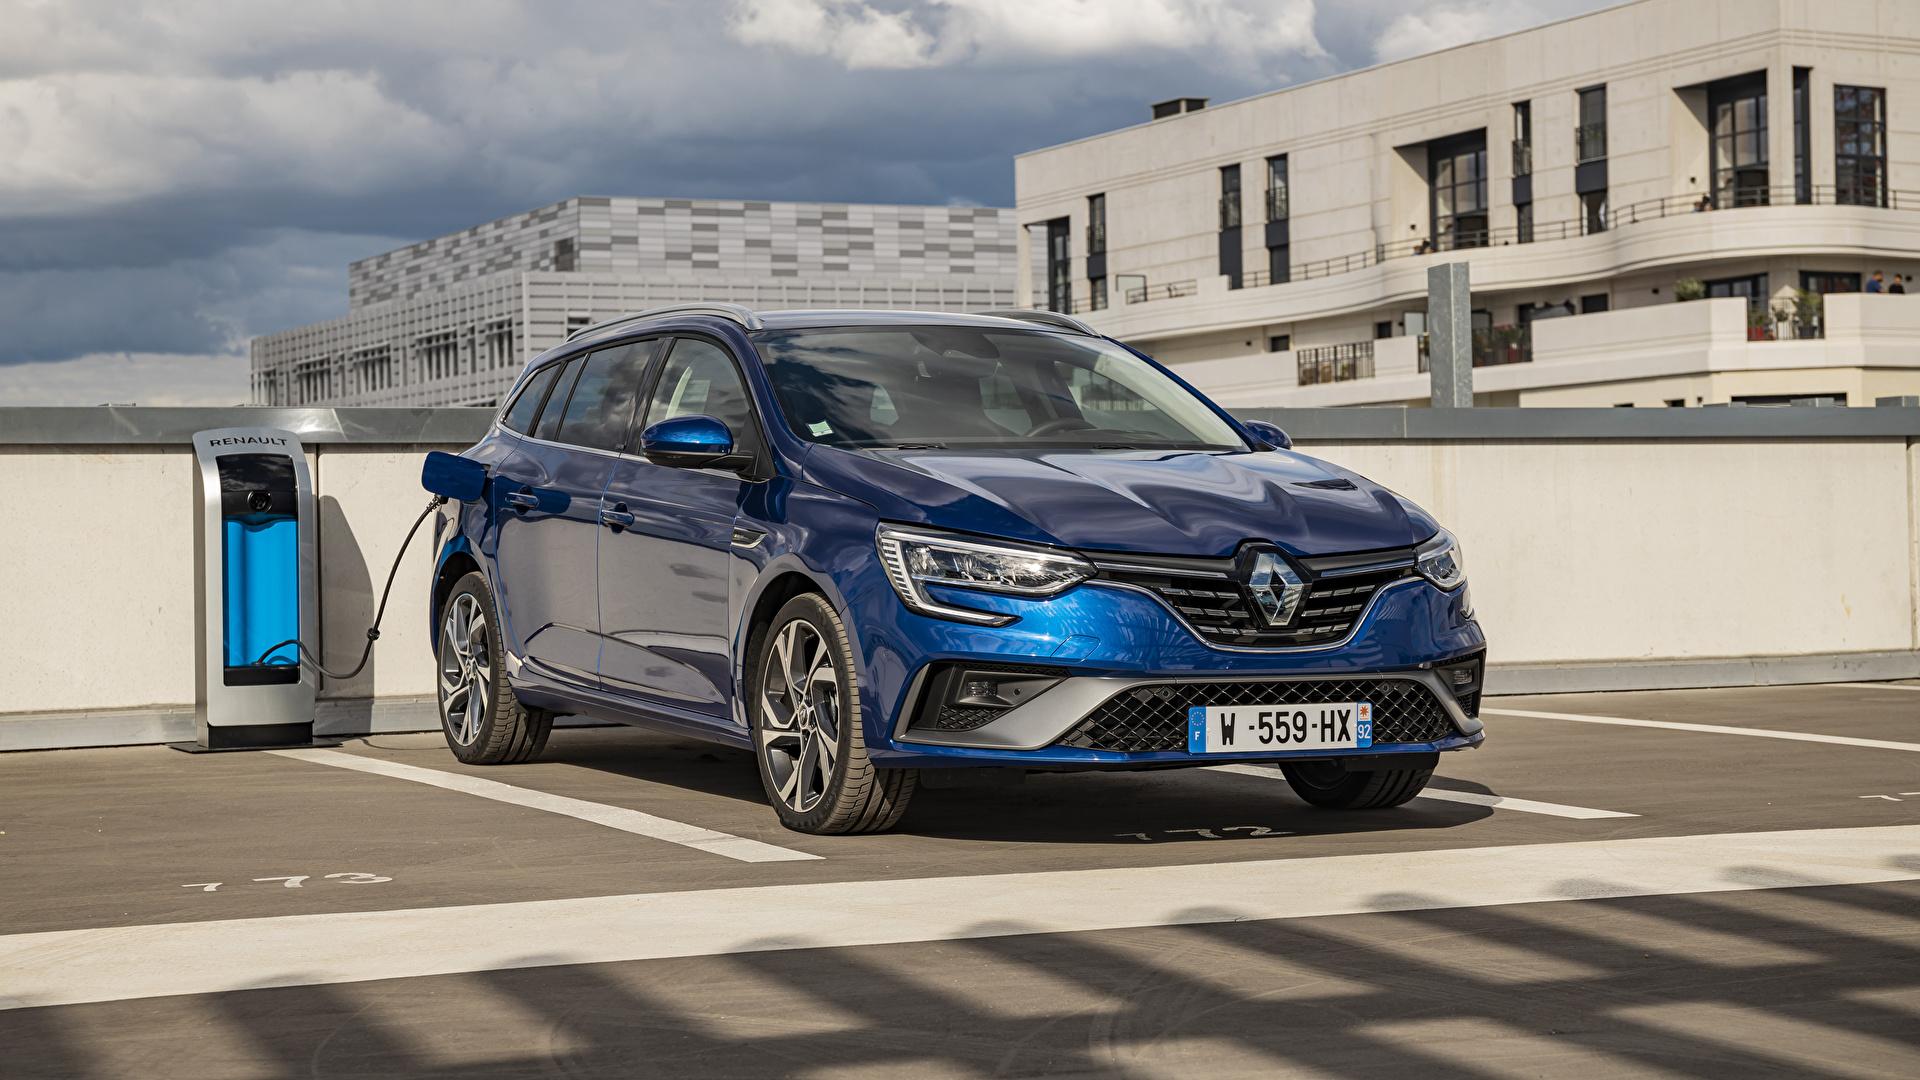 Картинки Renault 2020 Mégane E-TECH Plug-in Hybrid R.S. Line Estate Worldwide Парковка Гибридный автомобиль Синий машины Металлик 1920x1080 Рено паркинг стоянка парковке припаркованная синяя синие синих авто машина Автомобили автомобиль